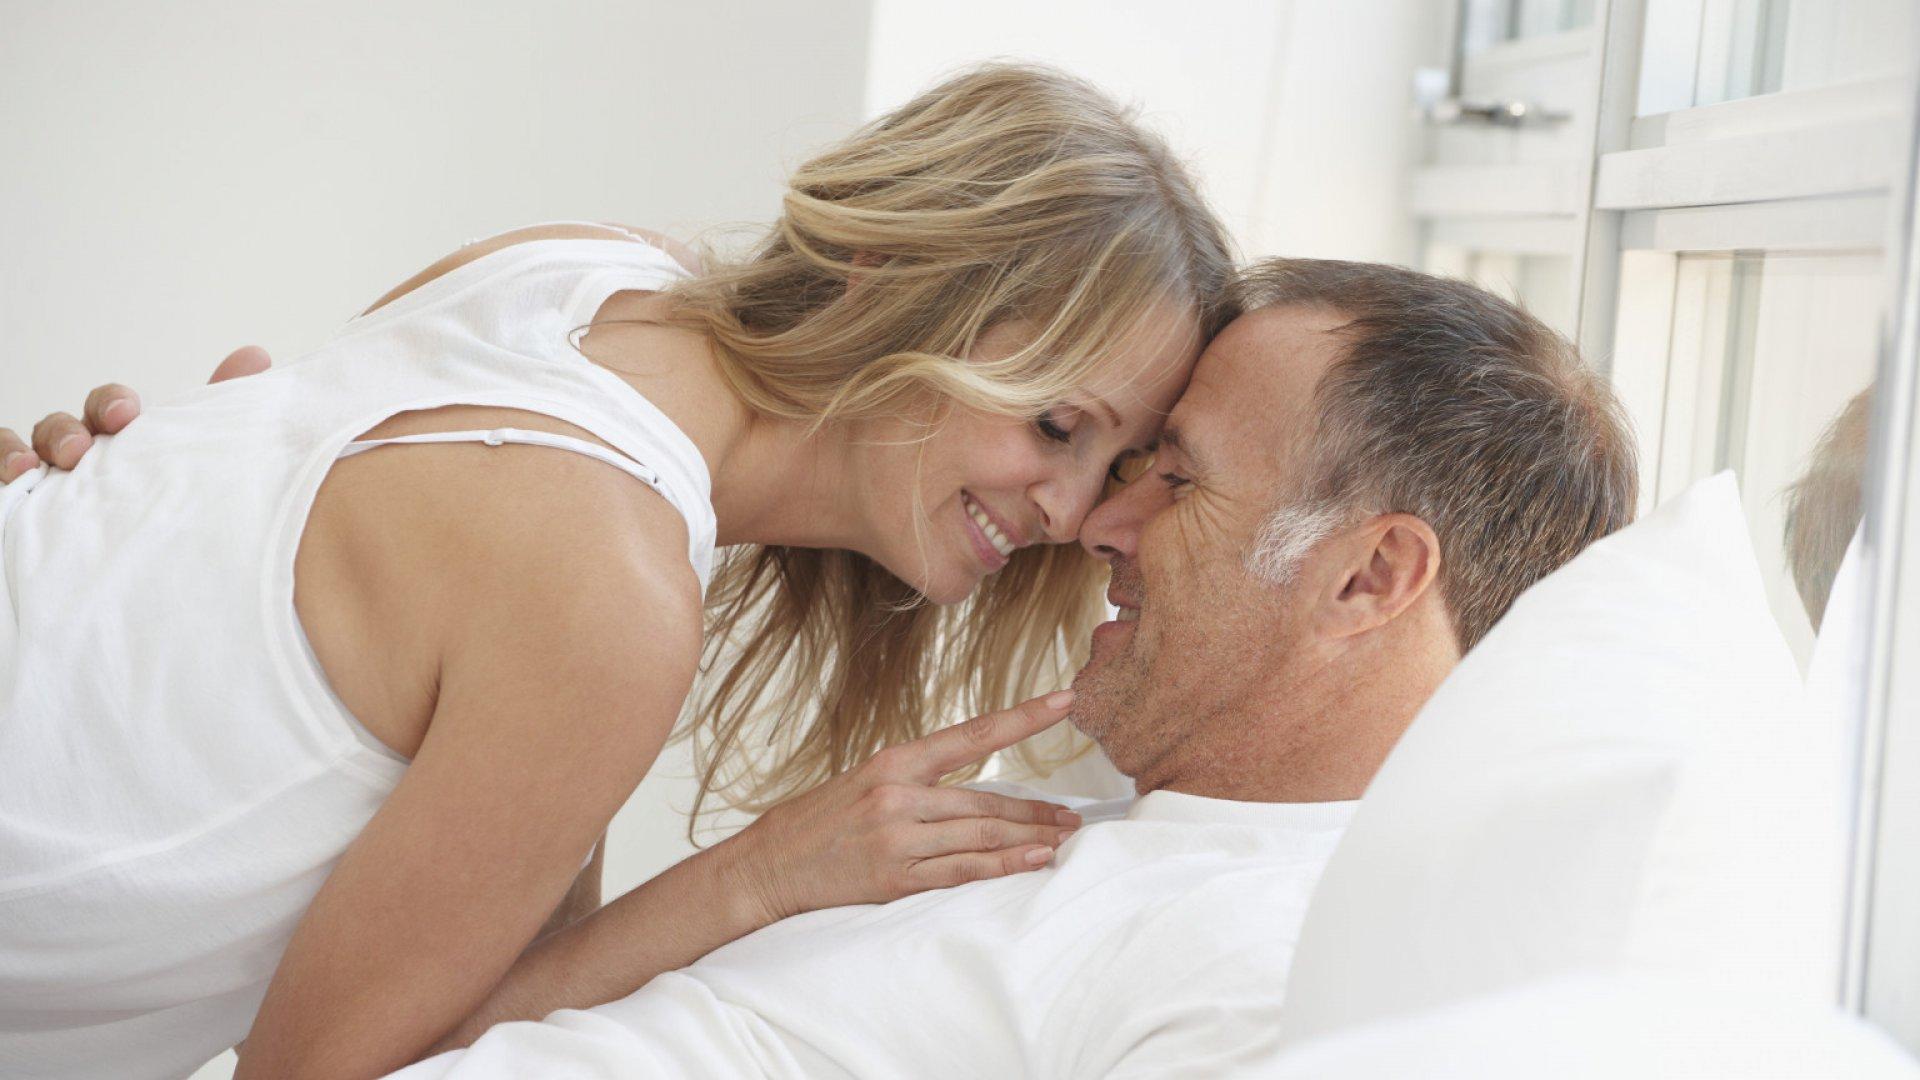 dimensiunile penisului în funcție de vârstă ce trebuie făcut atunci când nu există erecții la bărbați